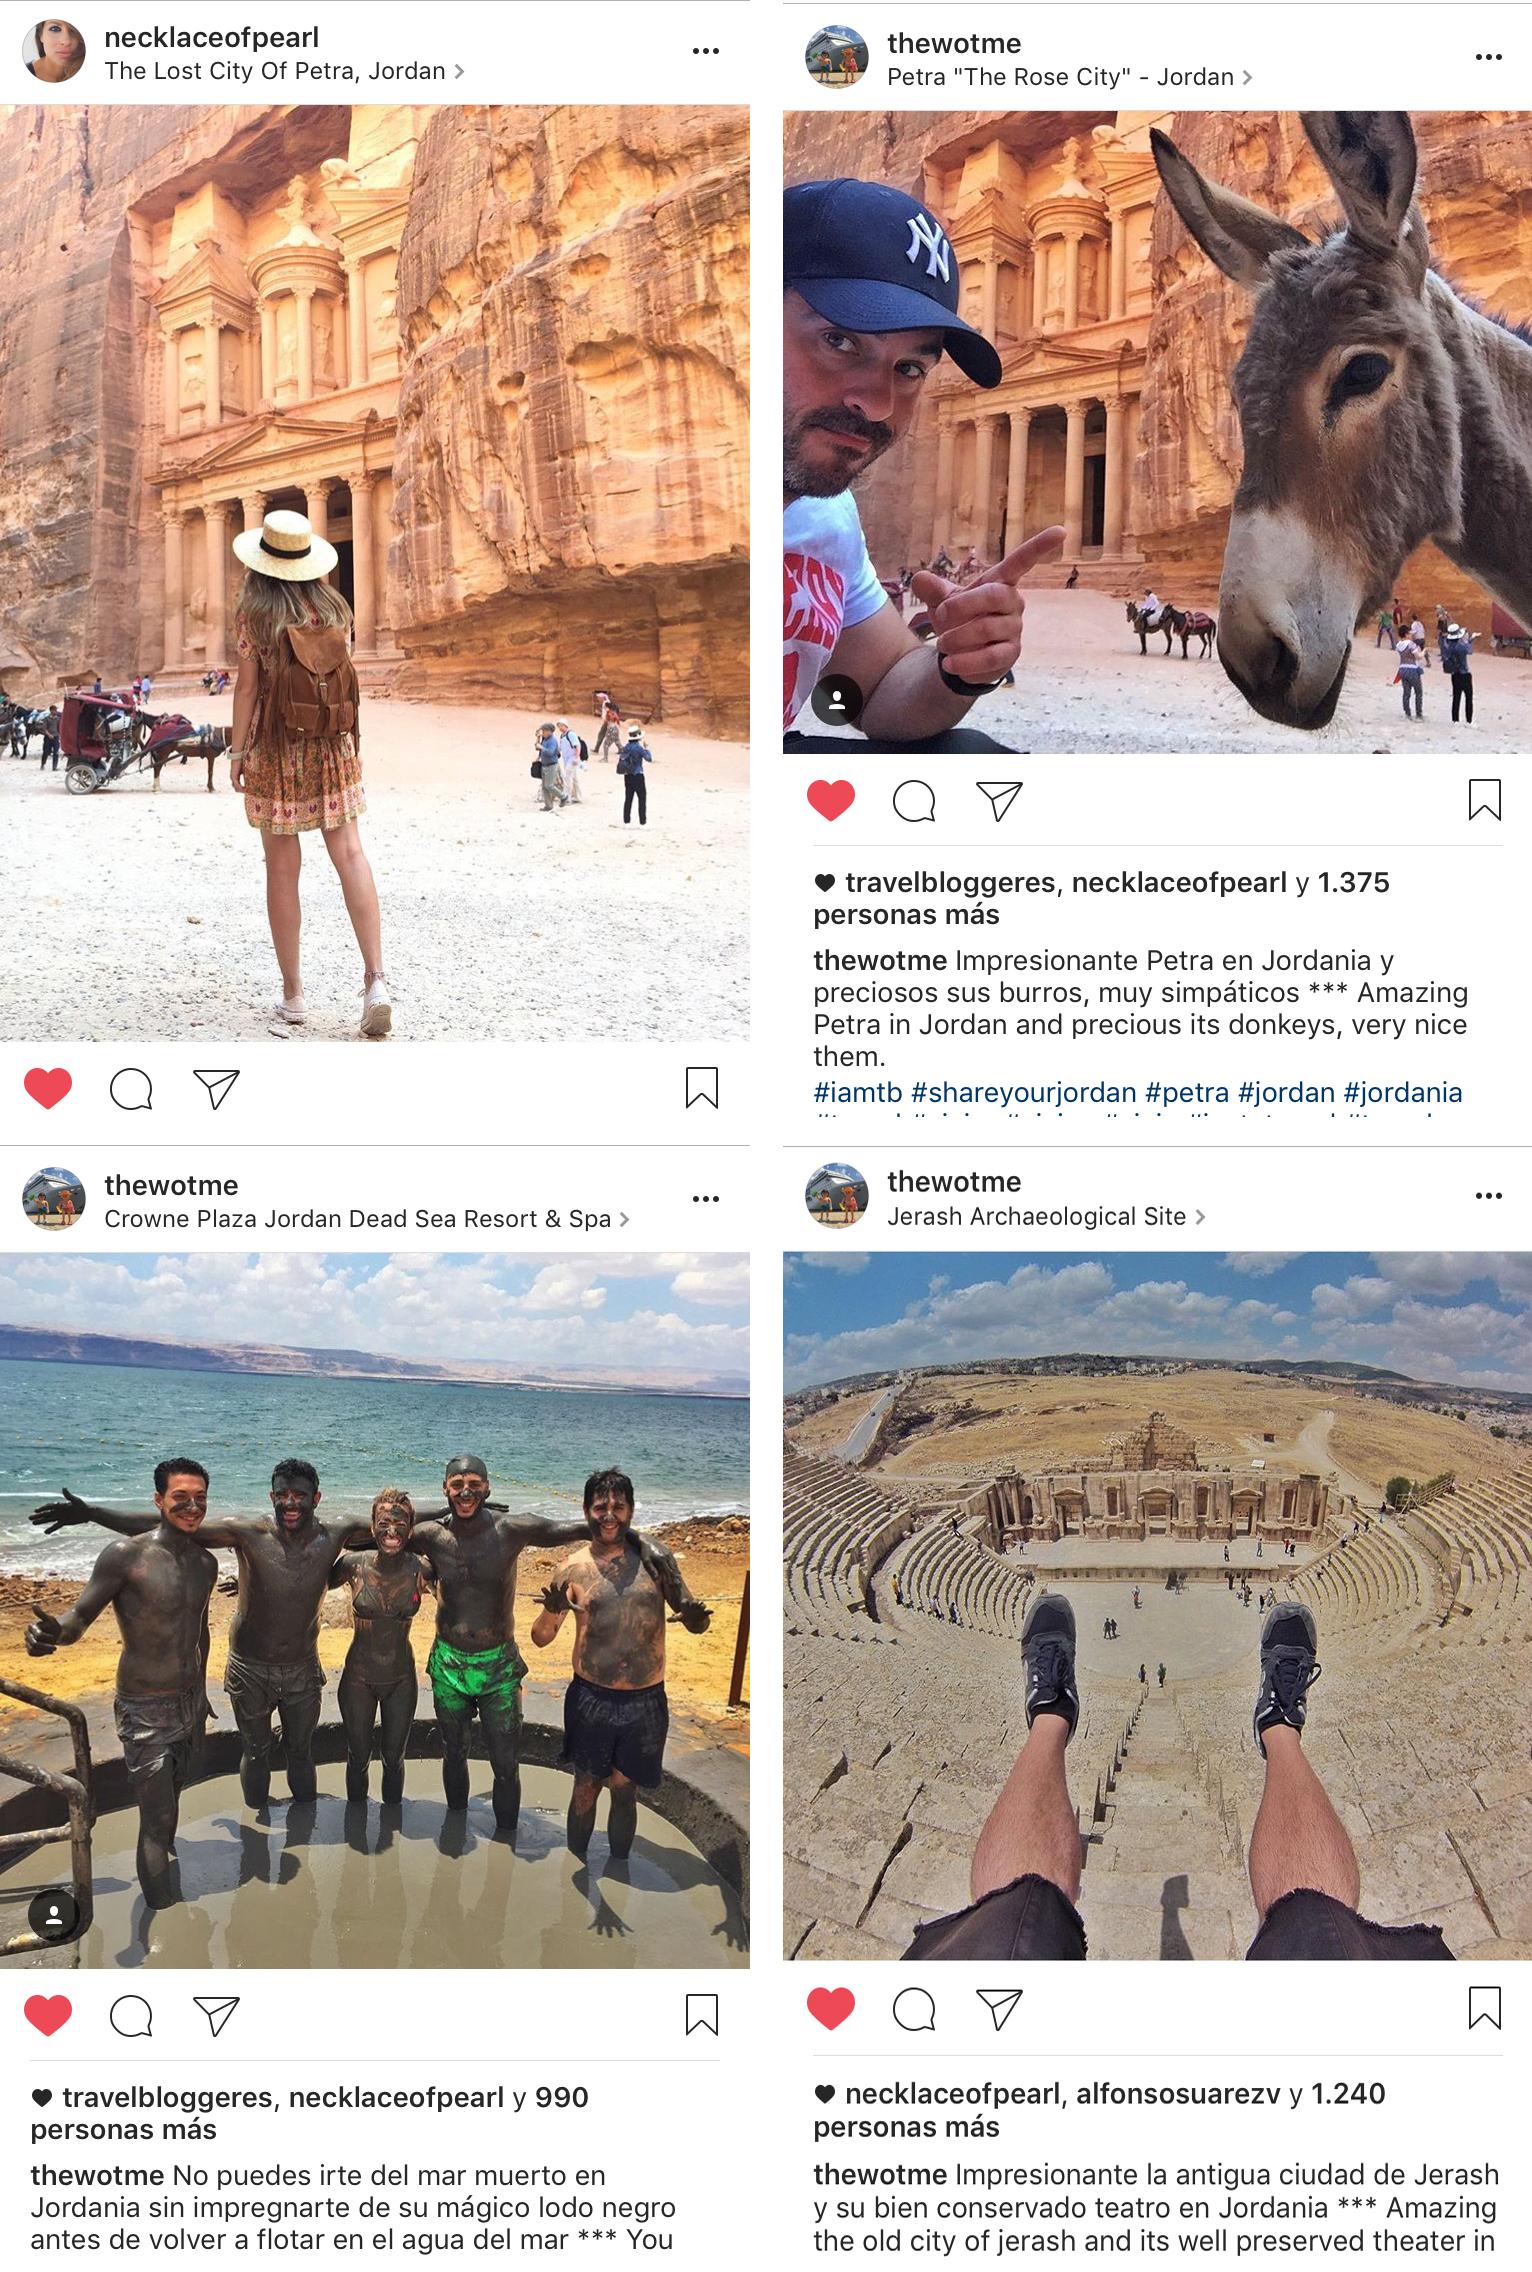 Viajes a Jordania memoria de viajes 2016: el año del mar - 31885013871 0edd6ca071 o - Memoria de Viajes 2016: el año del Mar